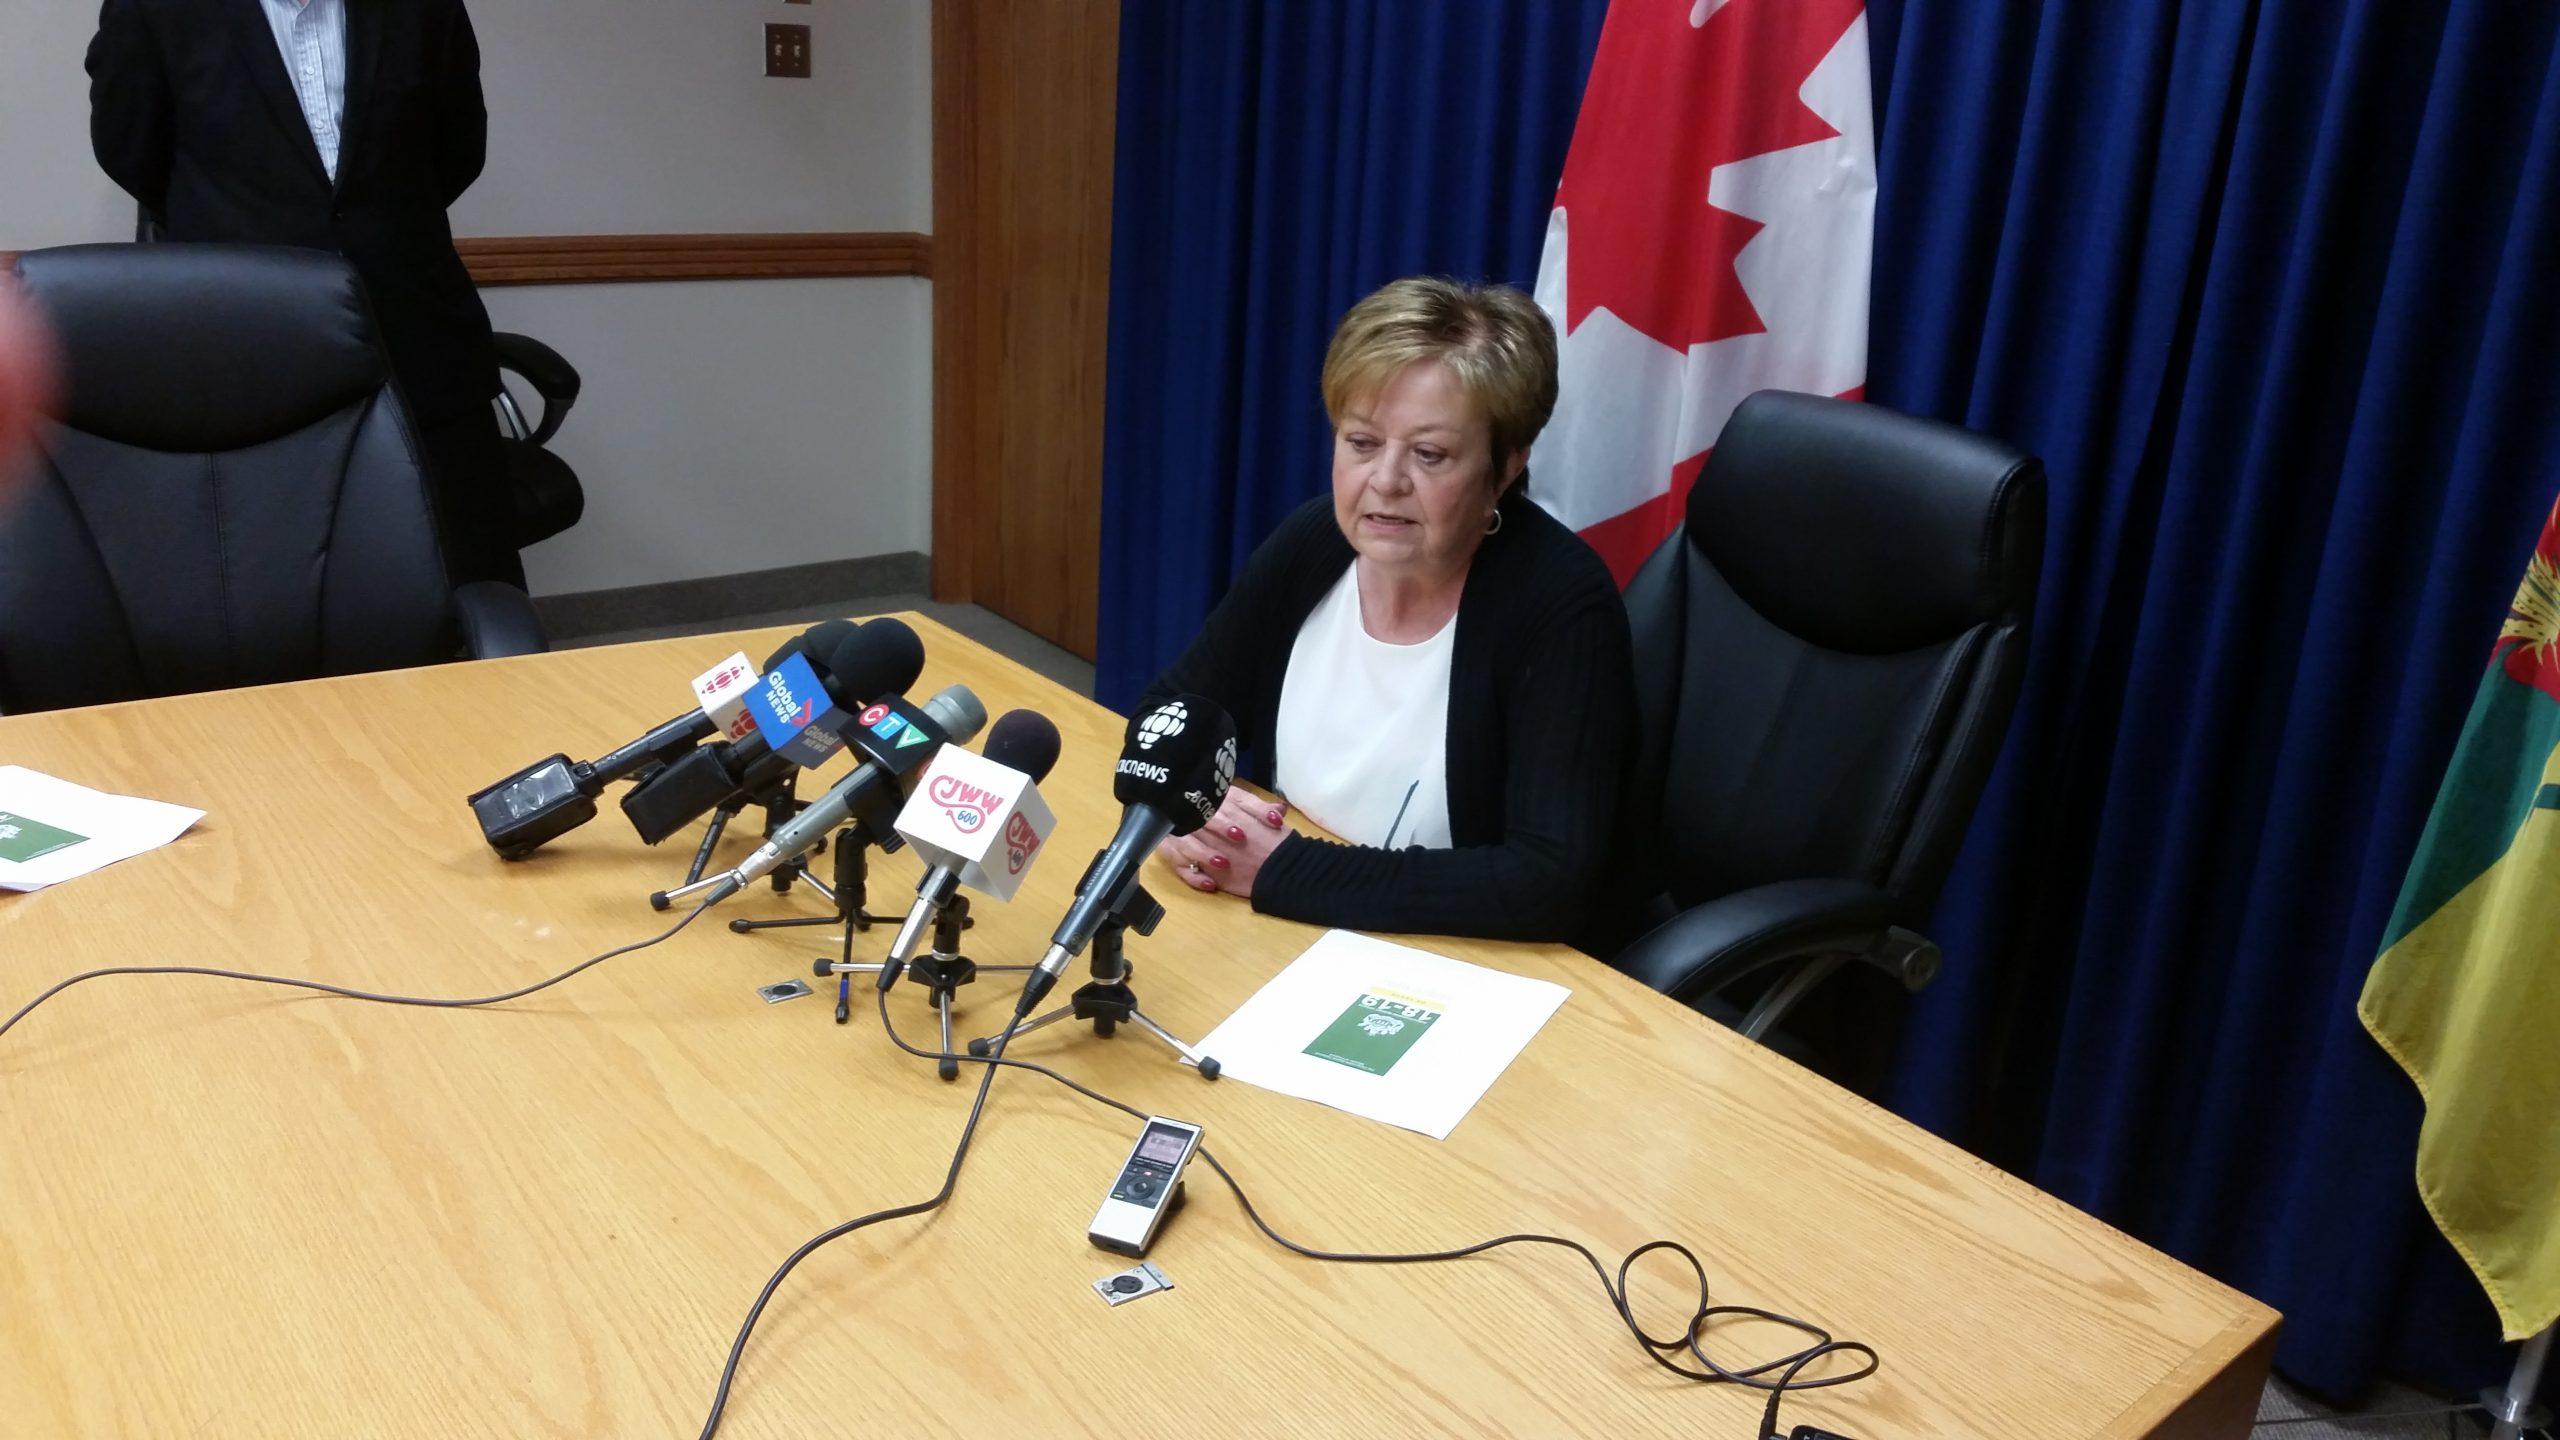 Provinces finances improving